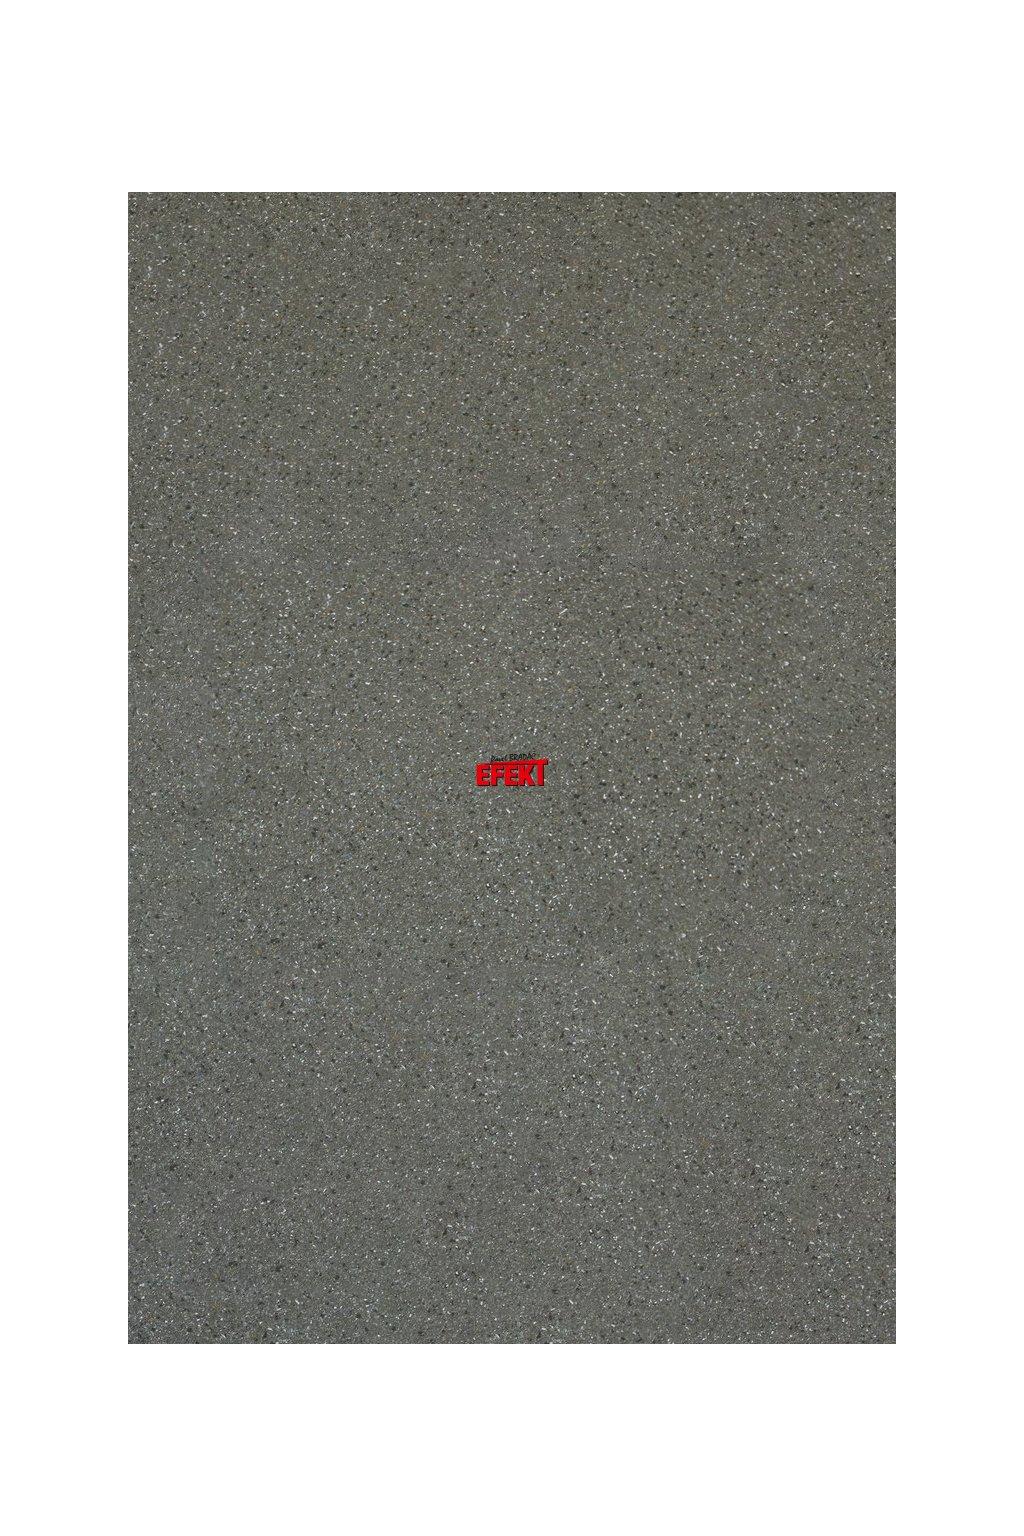 Expoline-Liana 909M